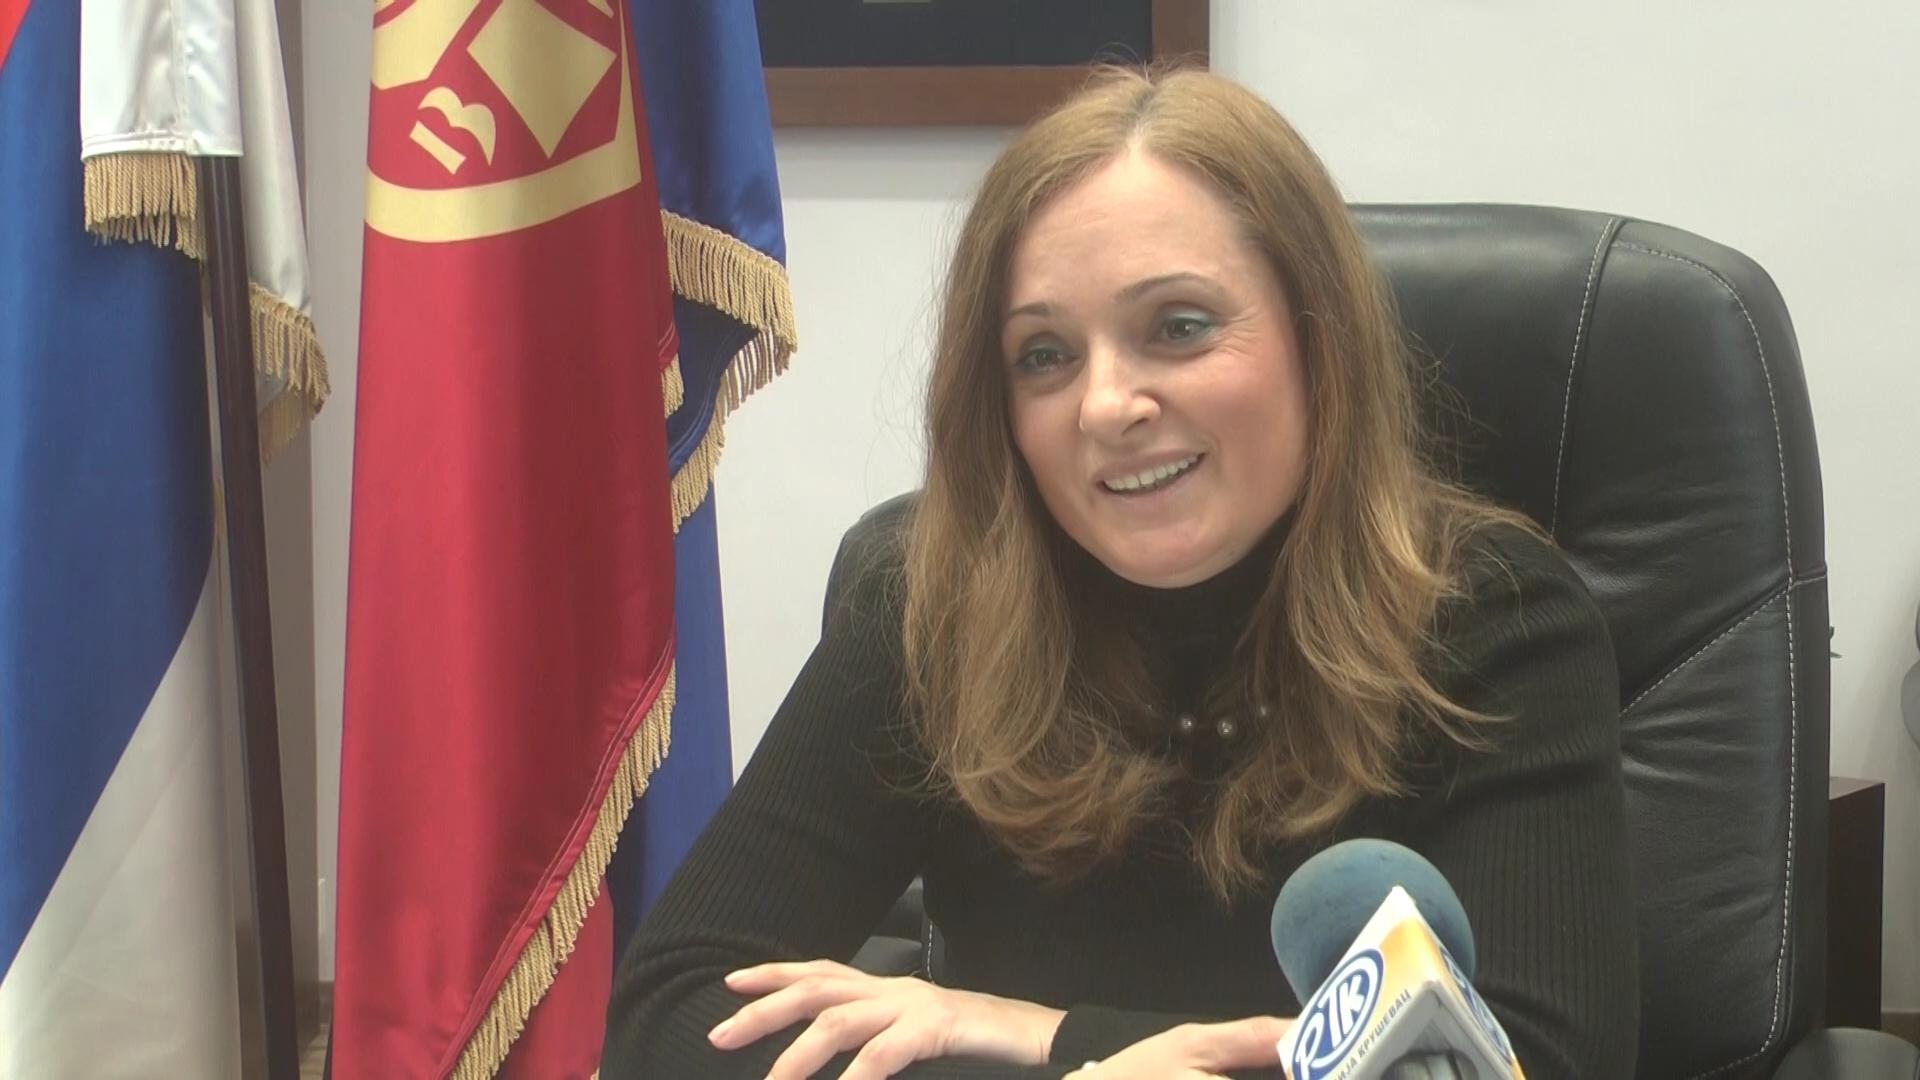 Gradonačelnica Kruševca Jasmina Palurović čestitala sugrađanima Dan srpskog jedinstva, slobode i nacionalne zastave